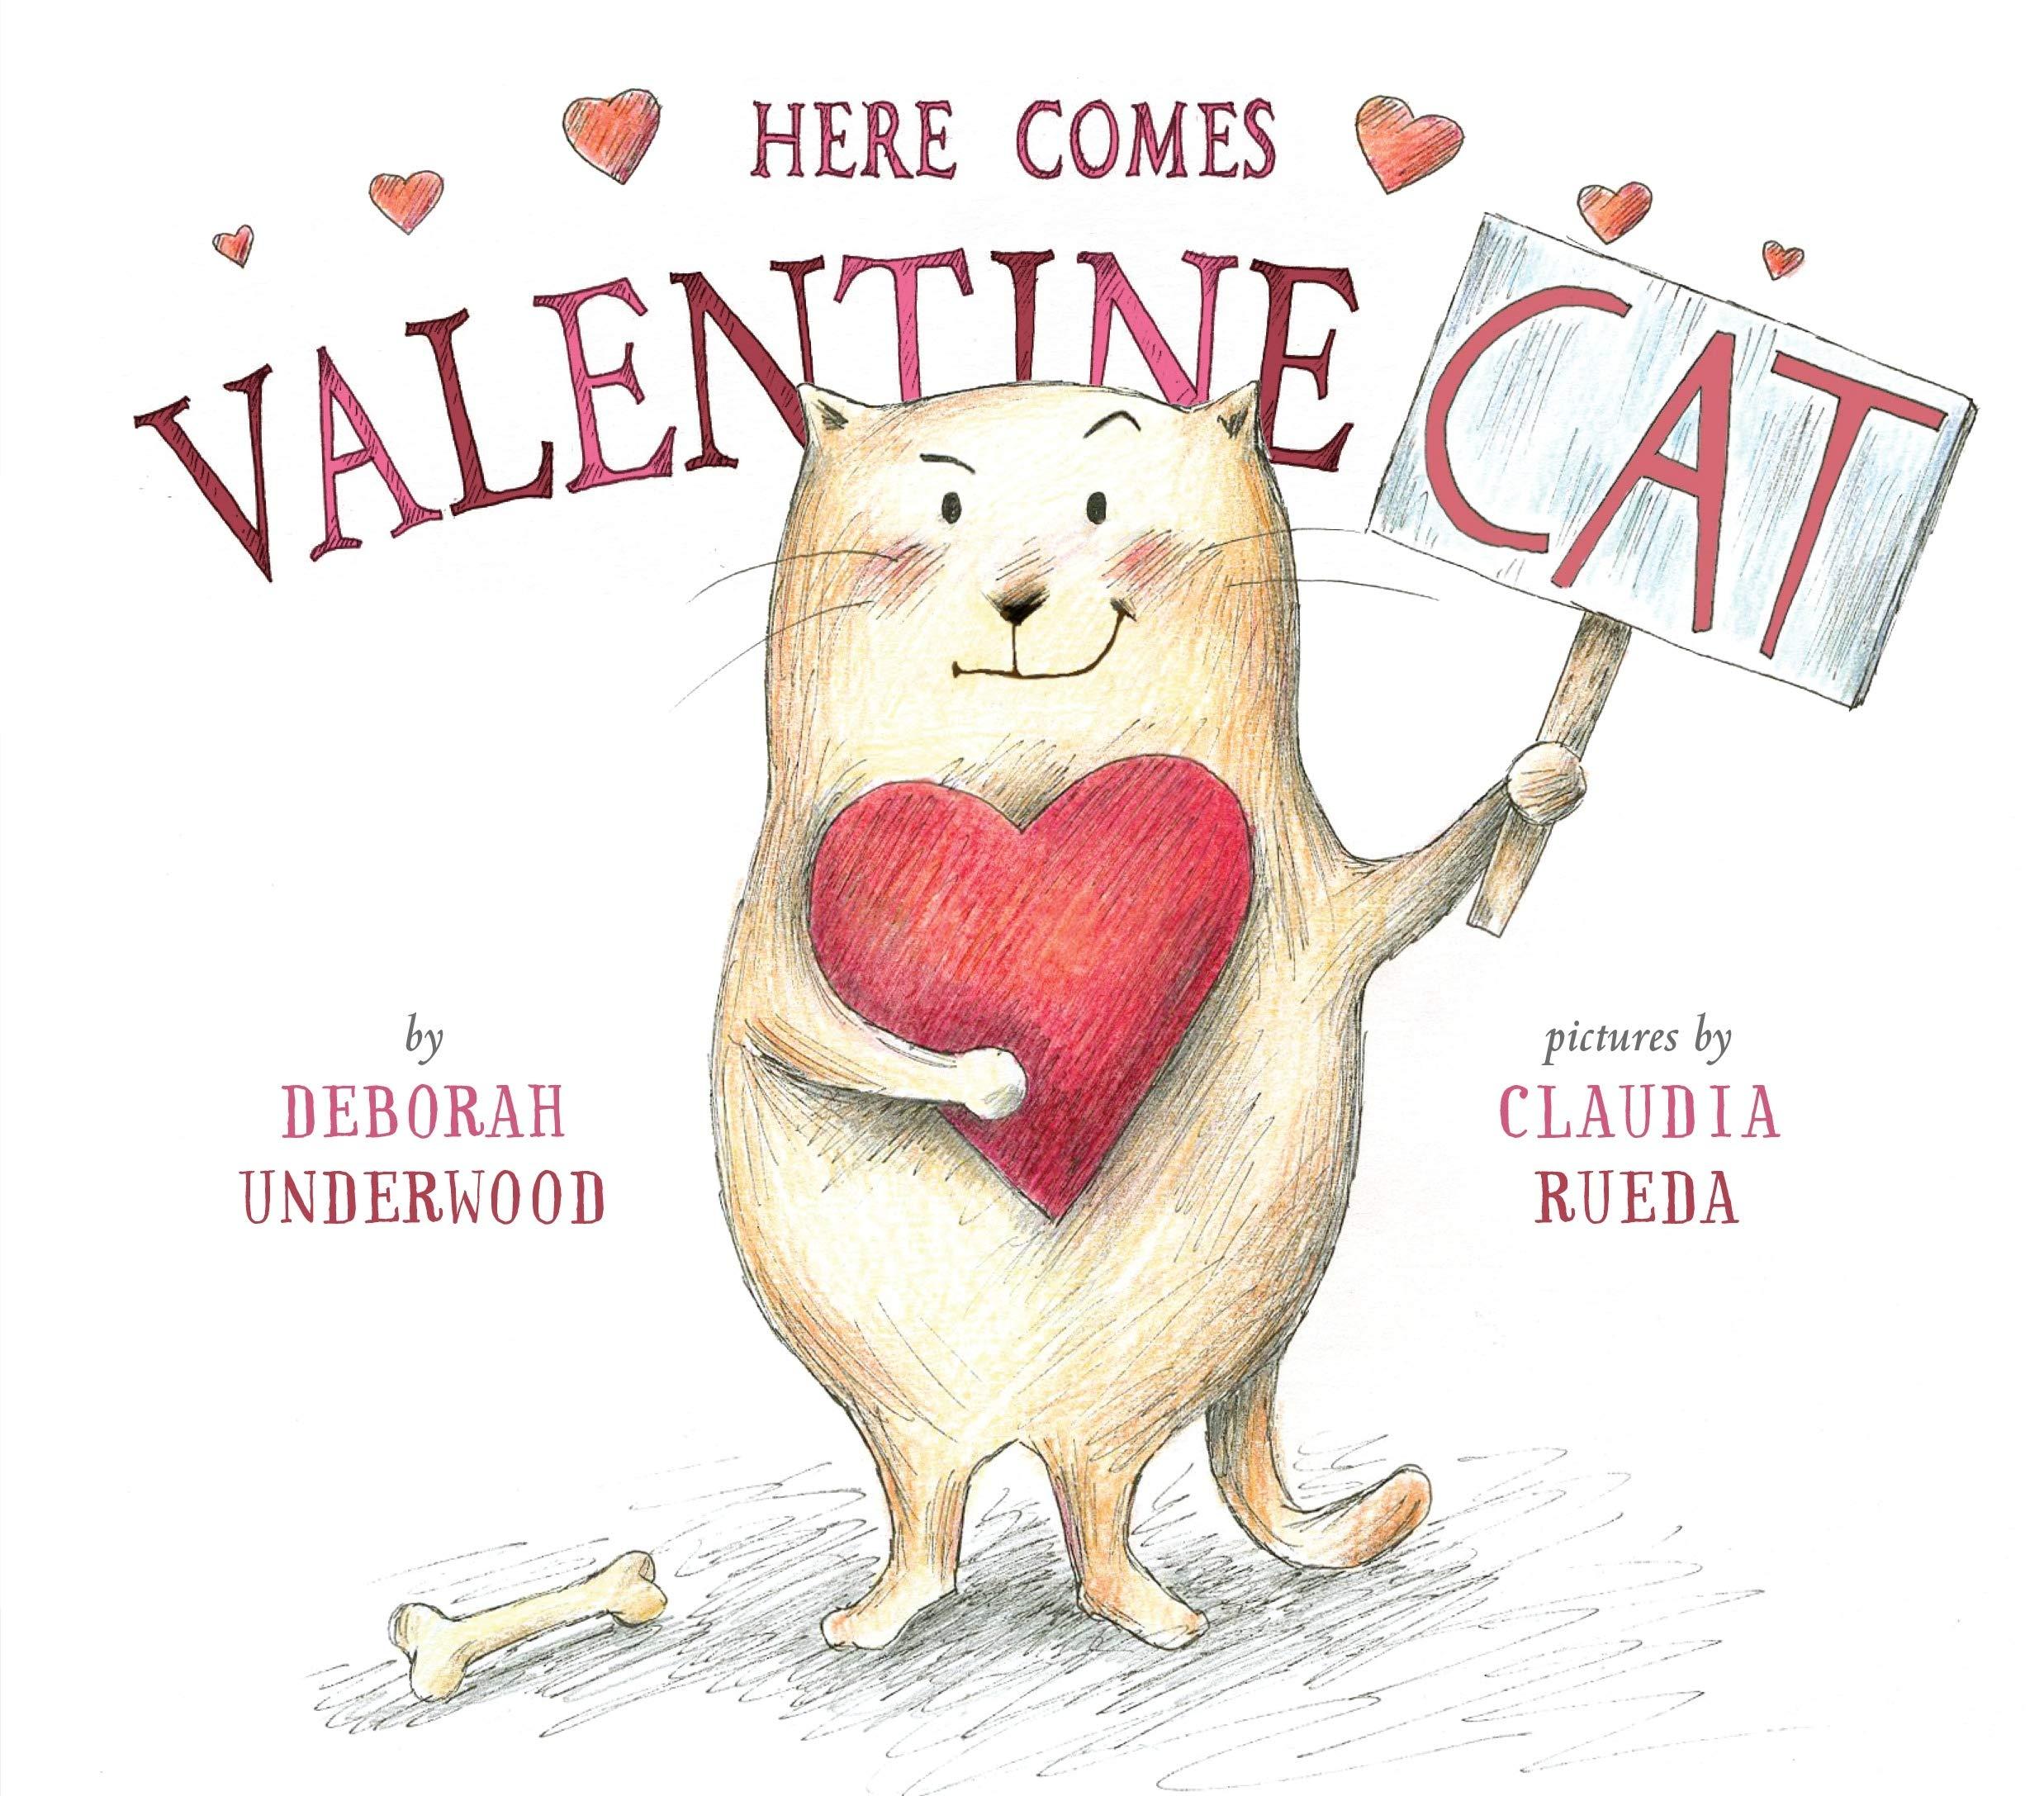 Here Comes Valentine Cat Deborah Underwood Claudia Rueda 9780525429159 Amazon Books